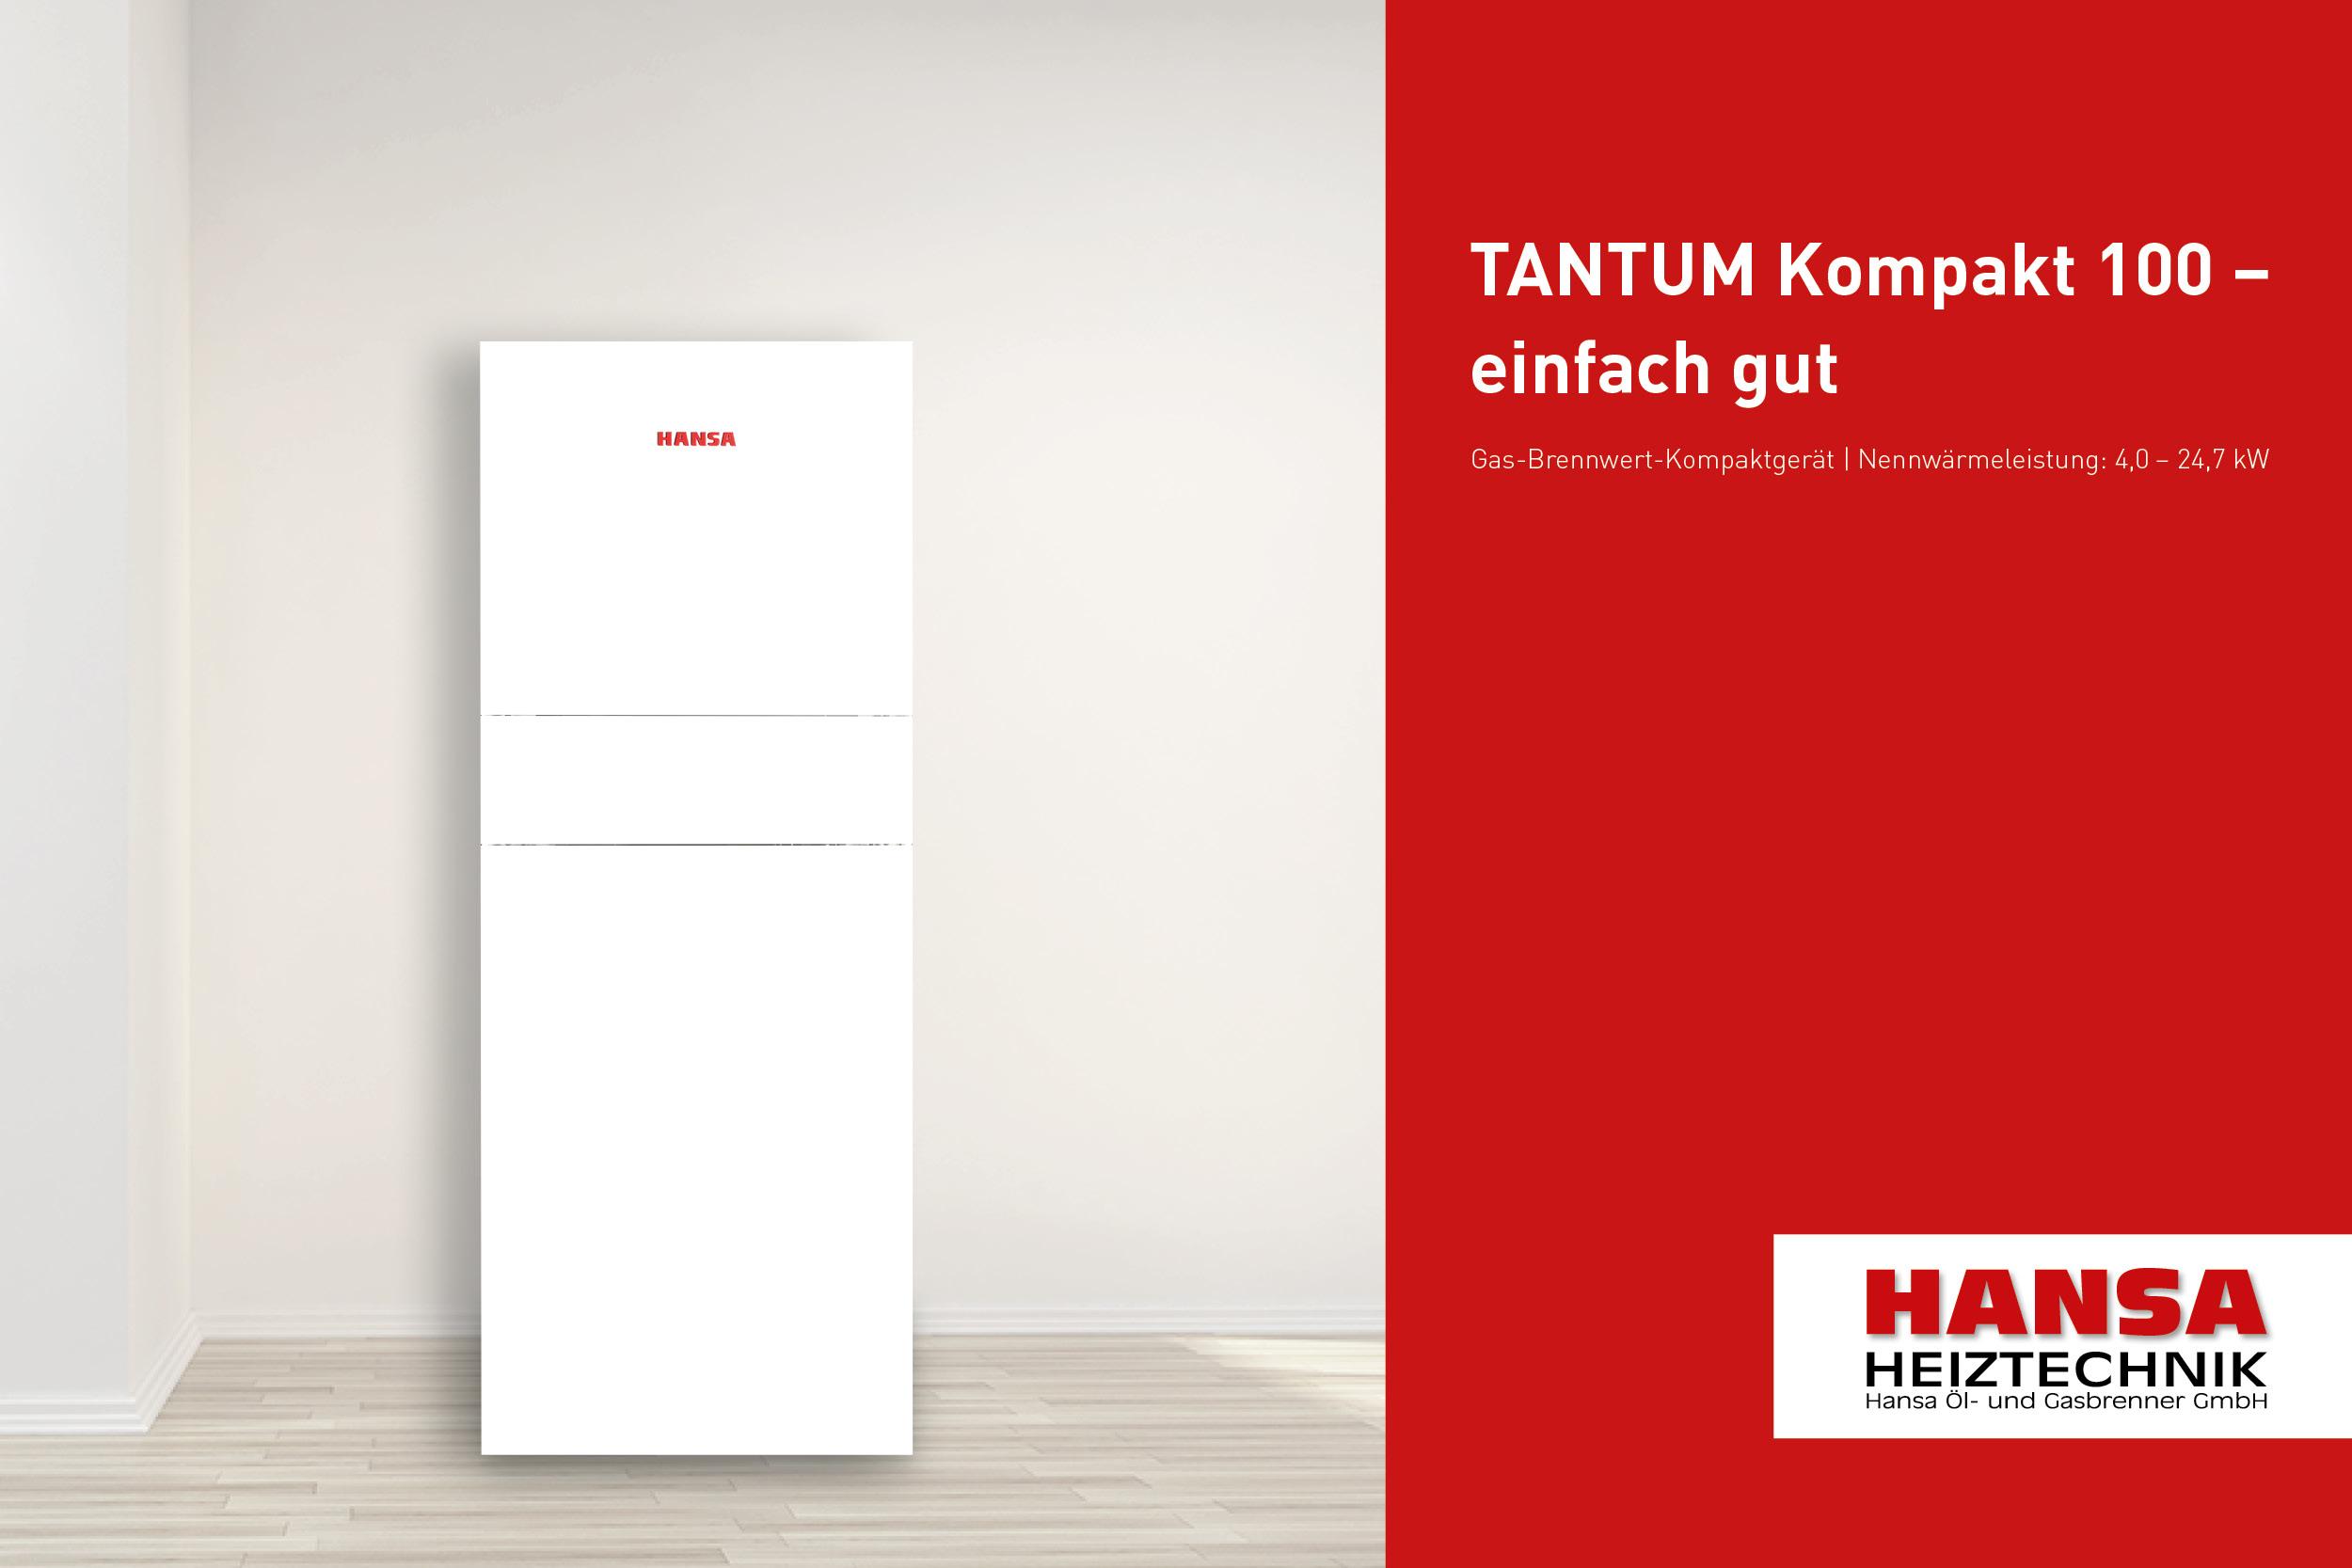 Hansa Heiztechnik GmbH | Öl- und Gasbrenner